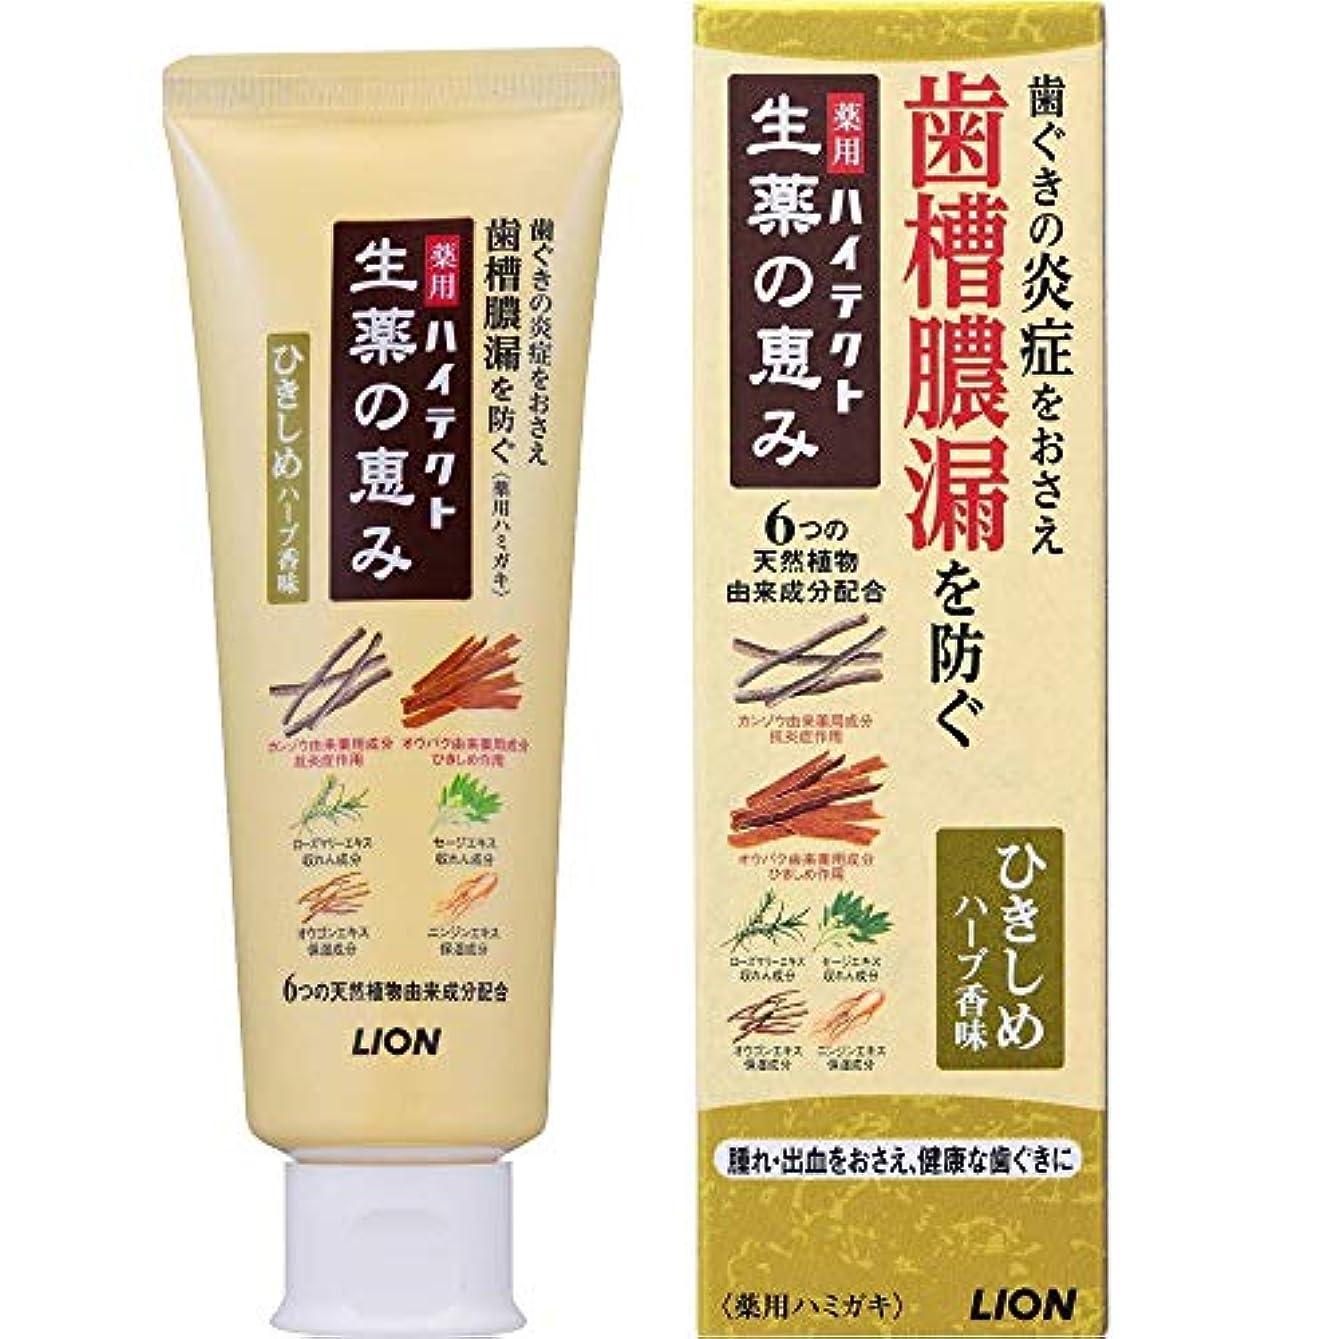 薬用ハイテクト生薬の恵み ひきしめハーブ香味 90g